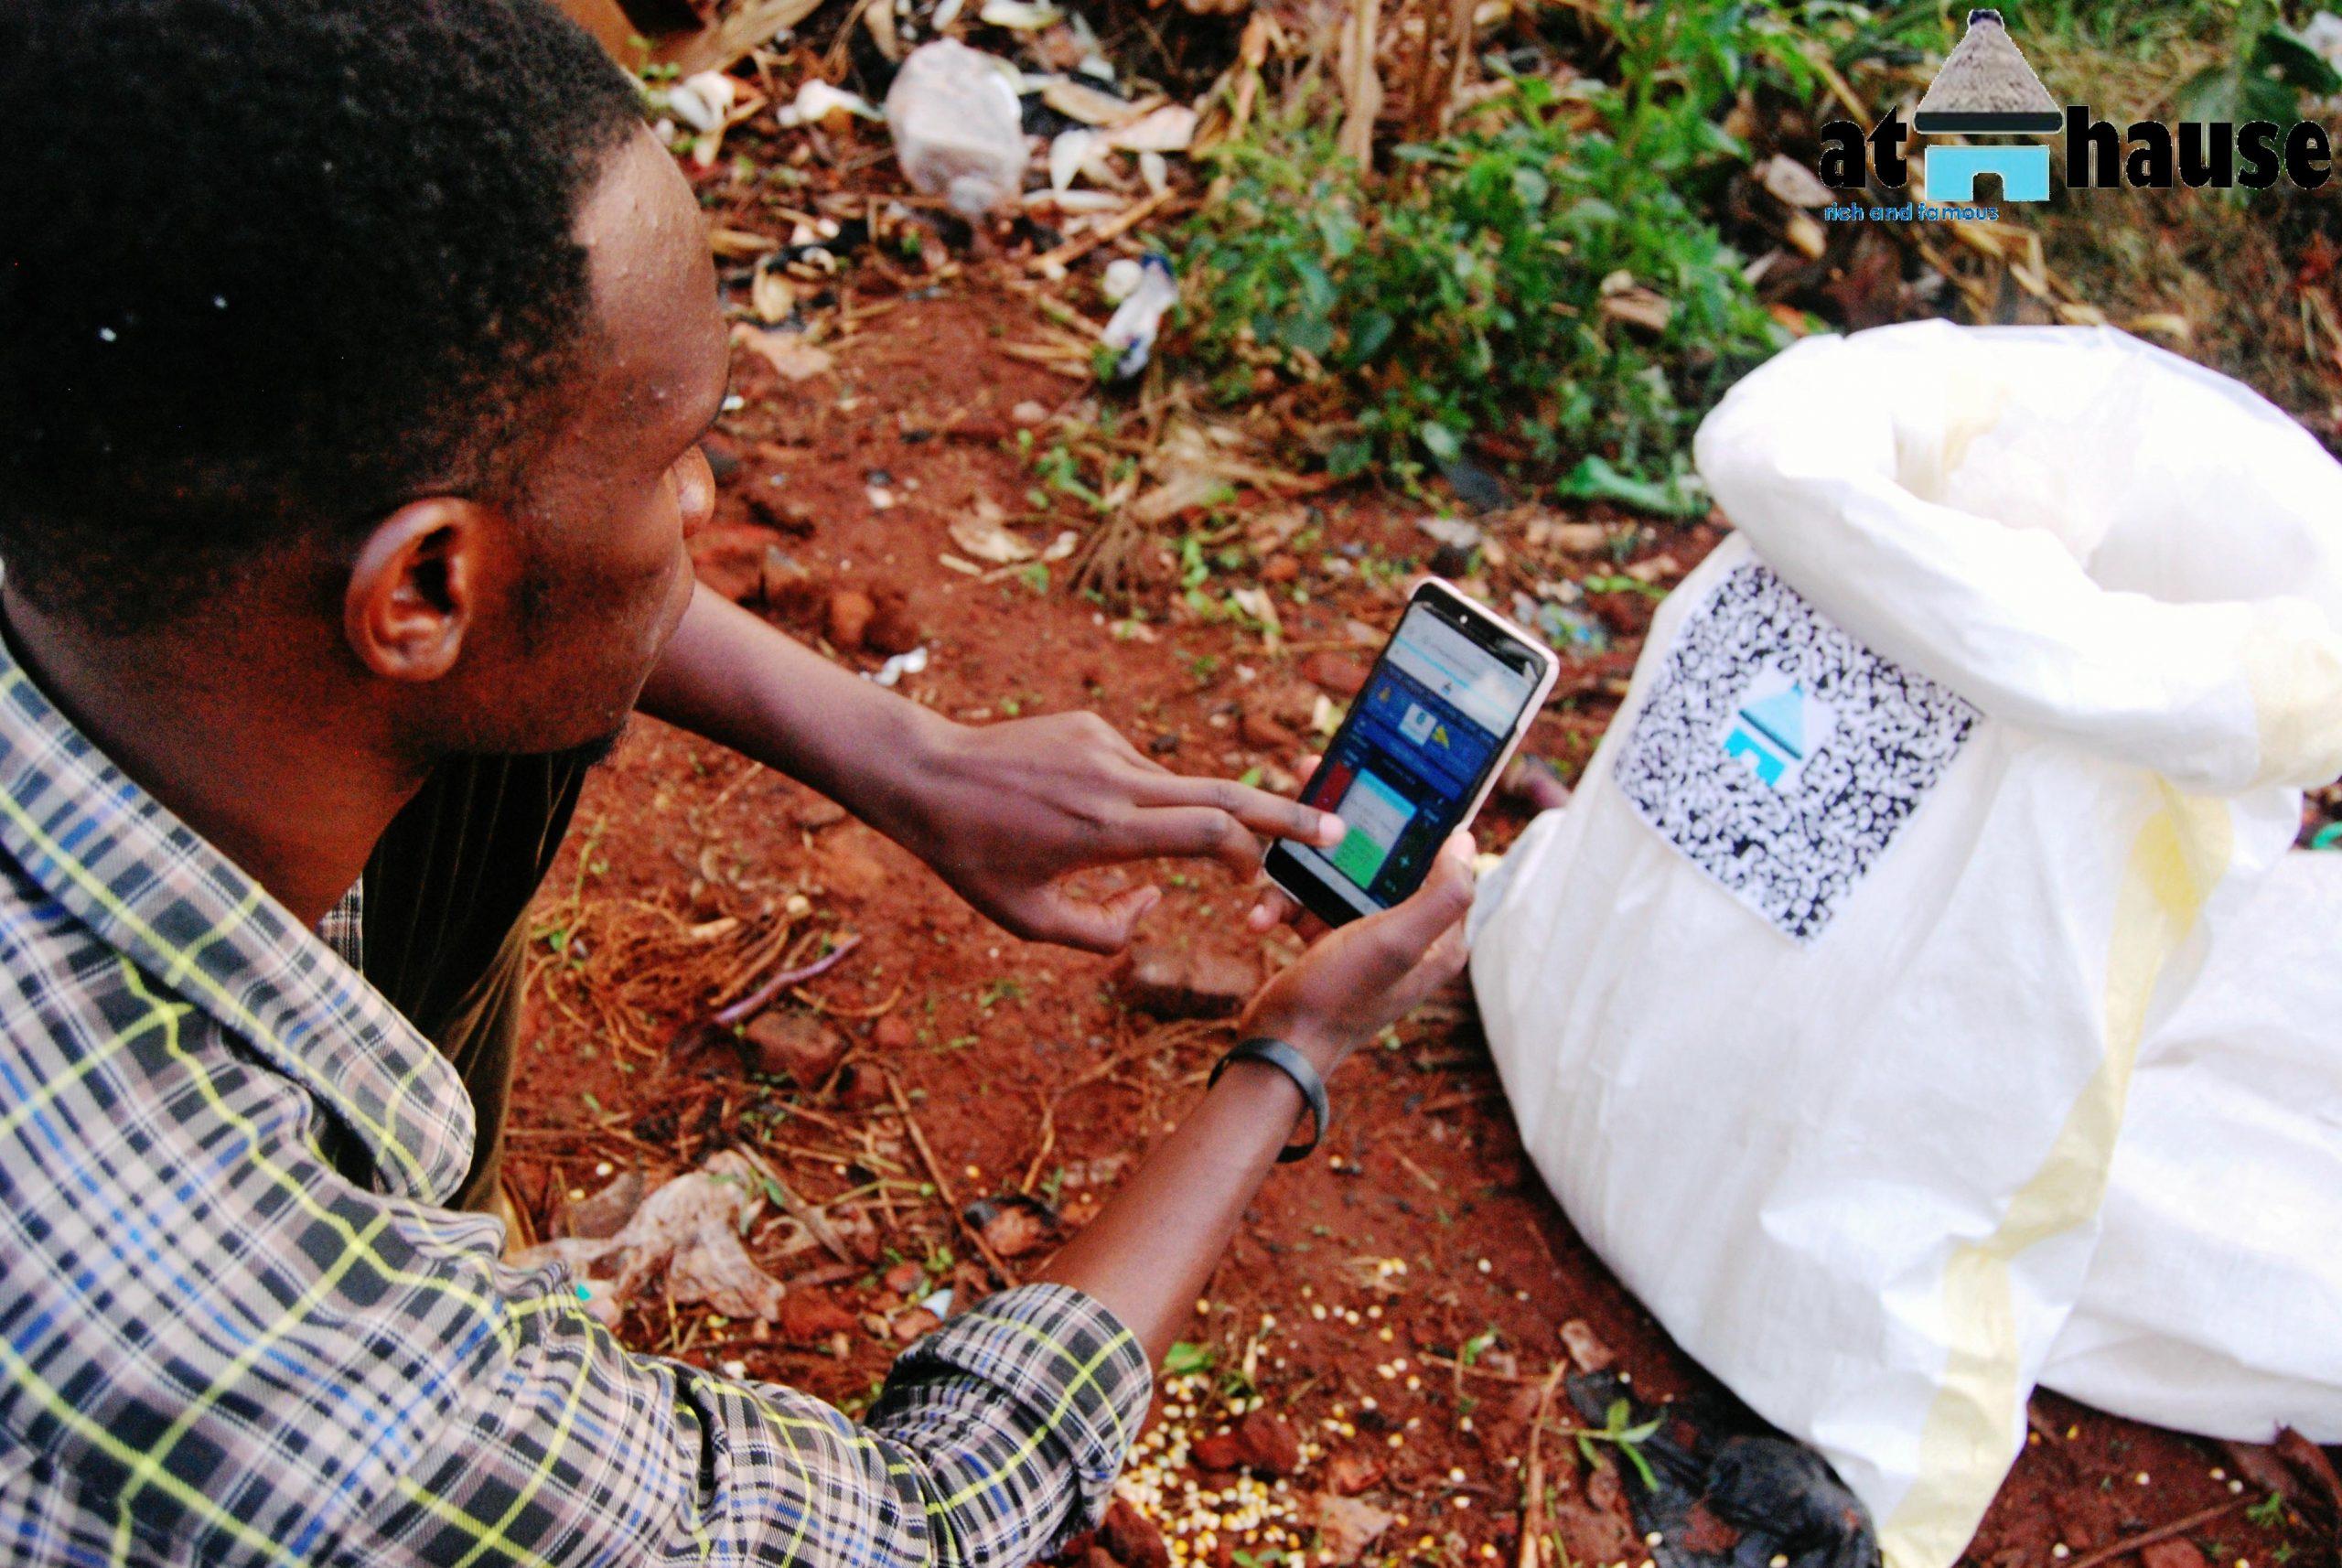 【ウガンダ】アグリテックAt Hause、小規模農家向けの収穫物備蓄袋開発。食品廃棄物削減 1